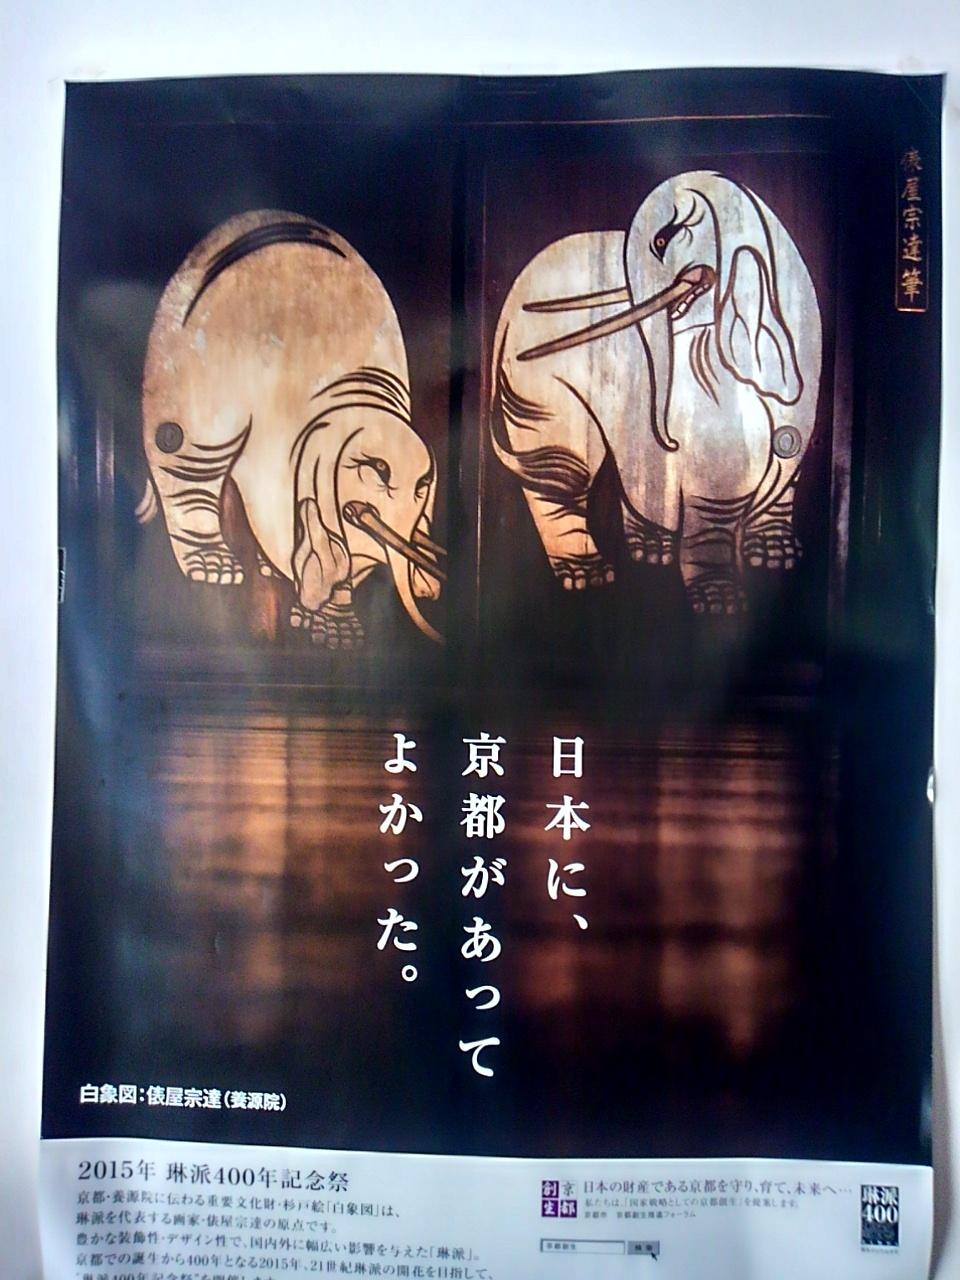 京都B級グルメ&カフェめぐり 2日目_d0083442_23141272.jpg